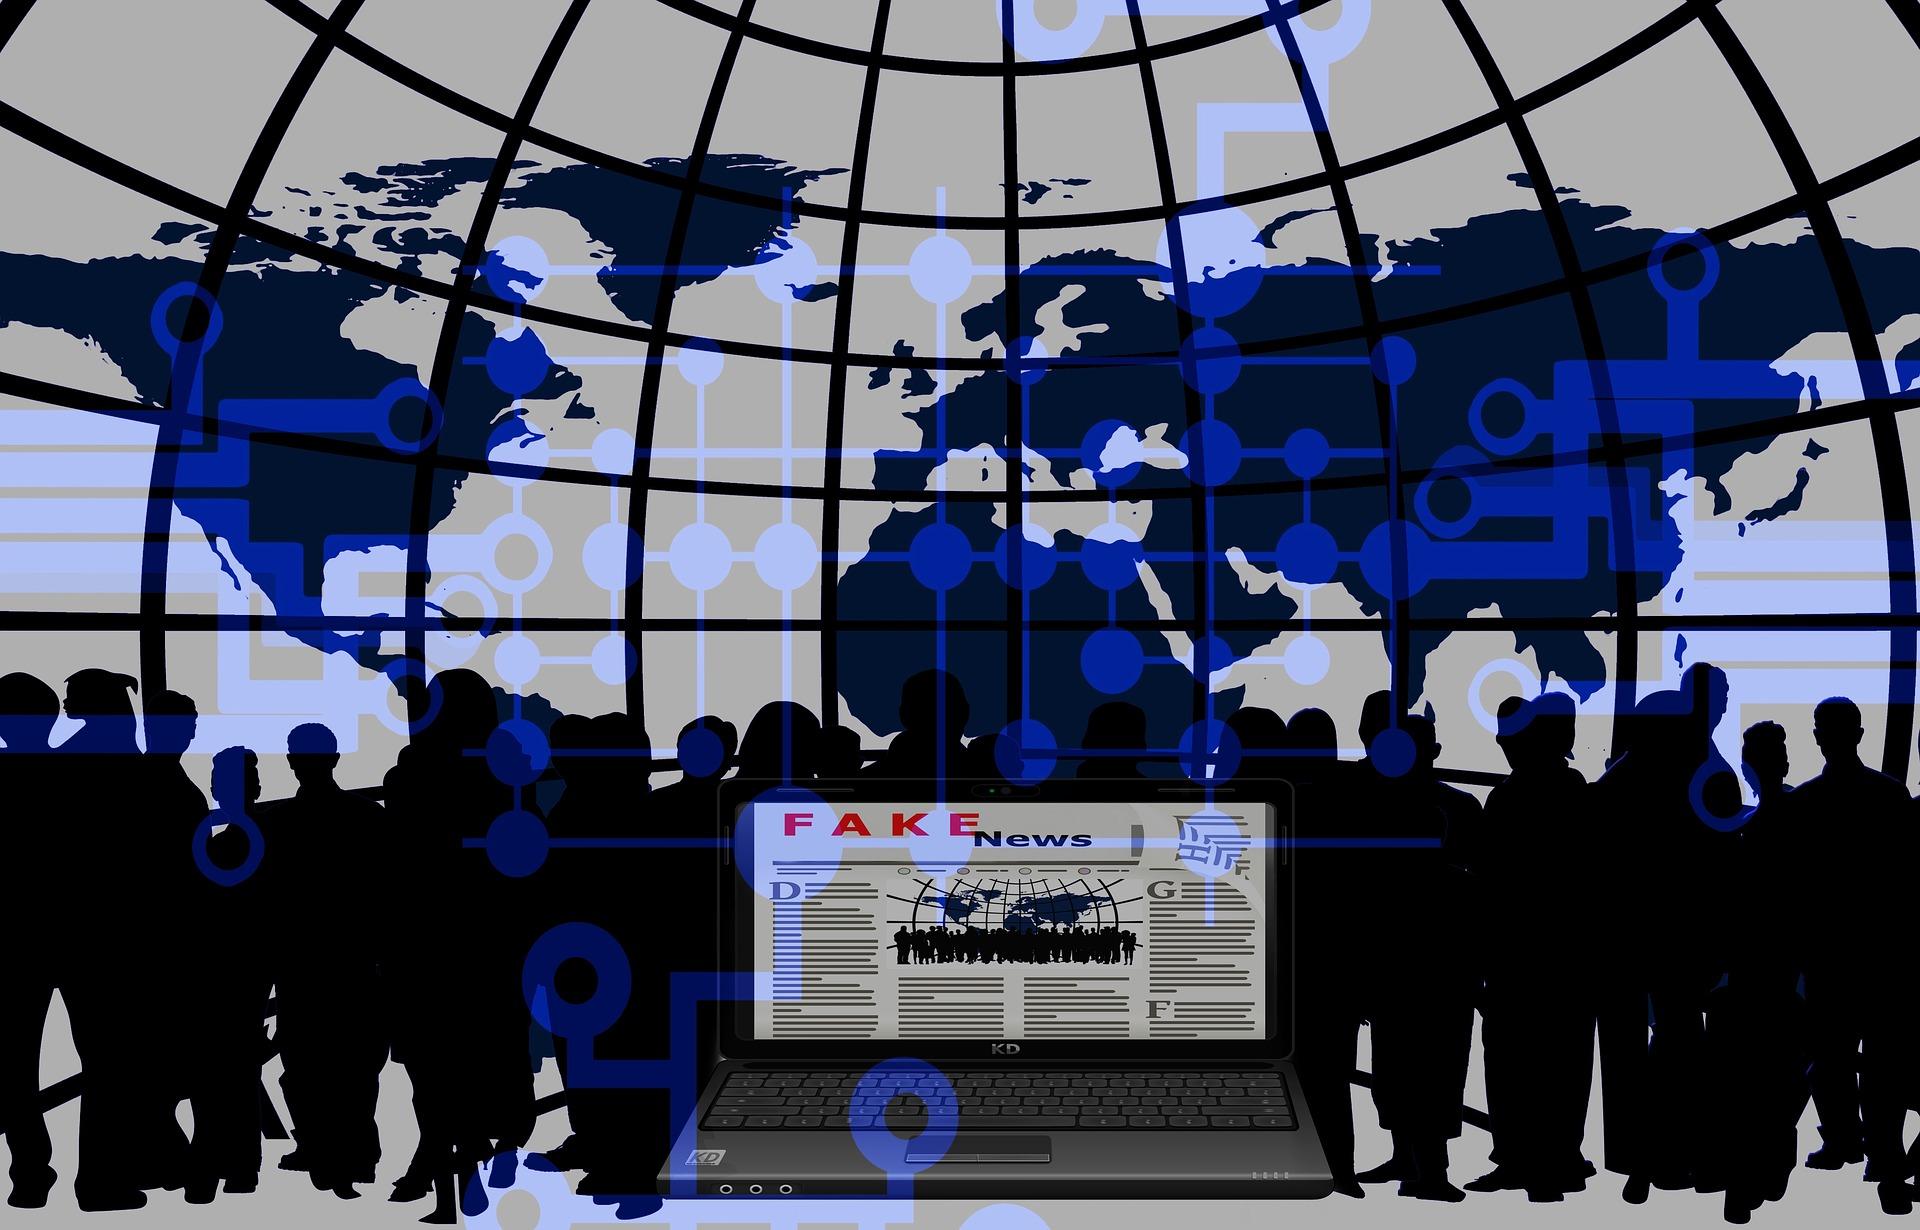 Ruský model šírenia dezinformácií na sociálnych sieťach